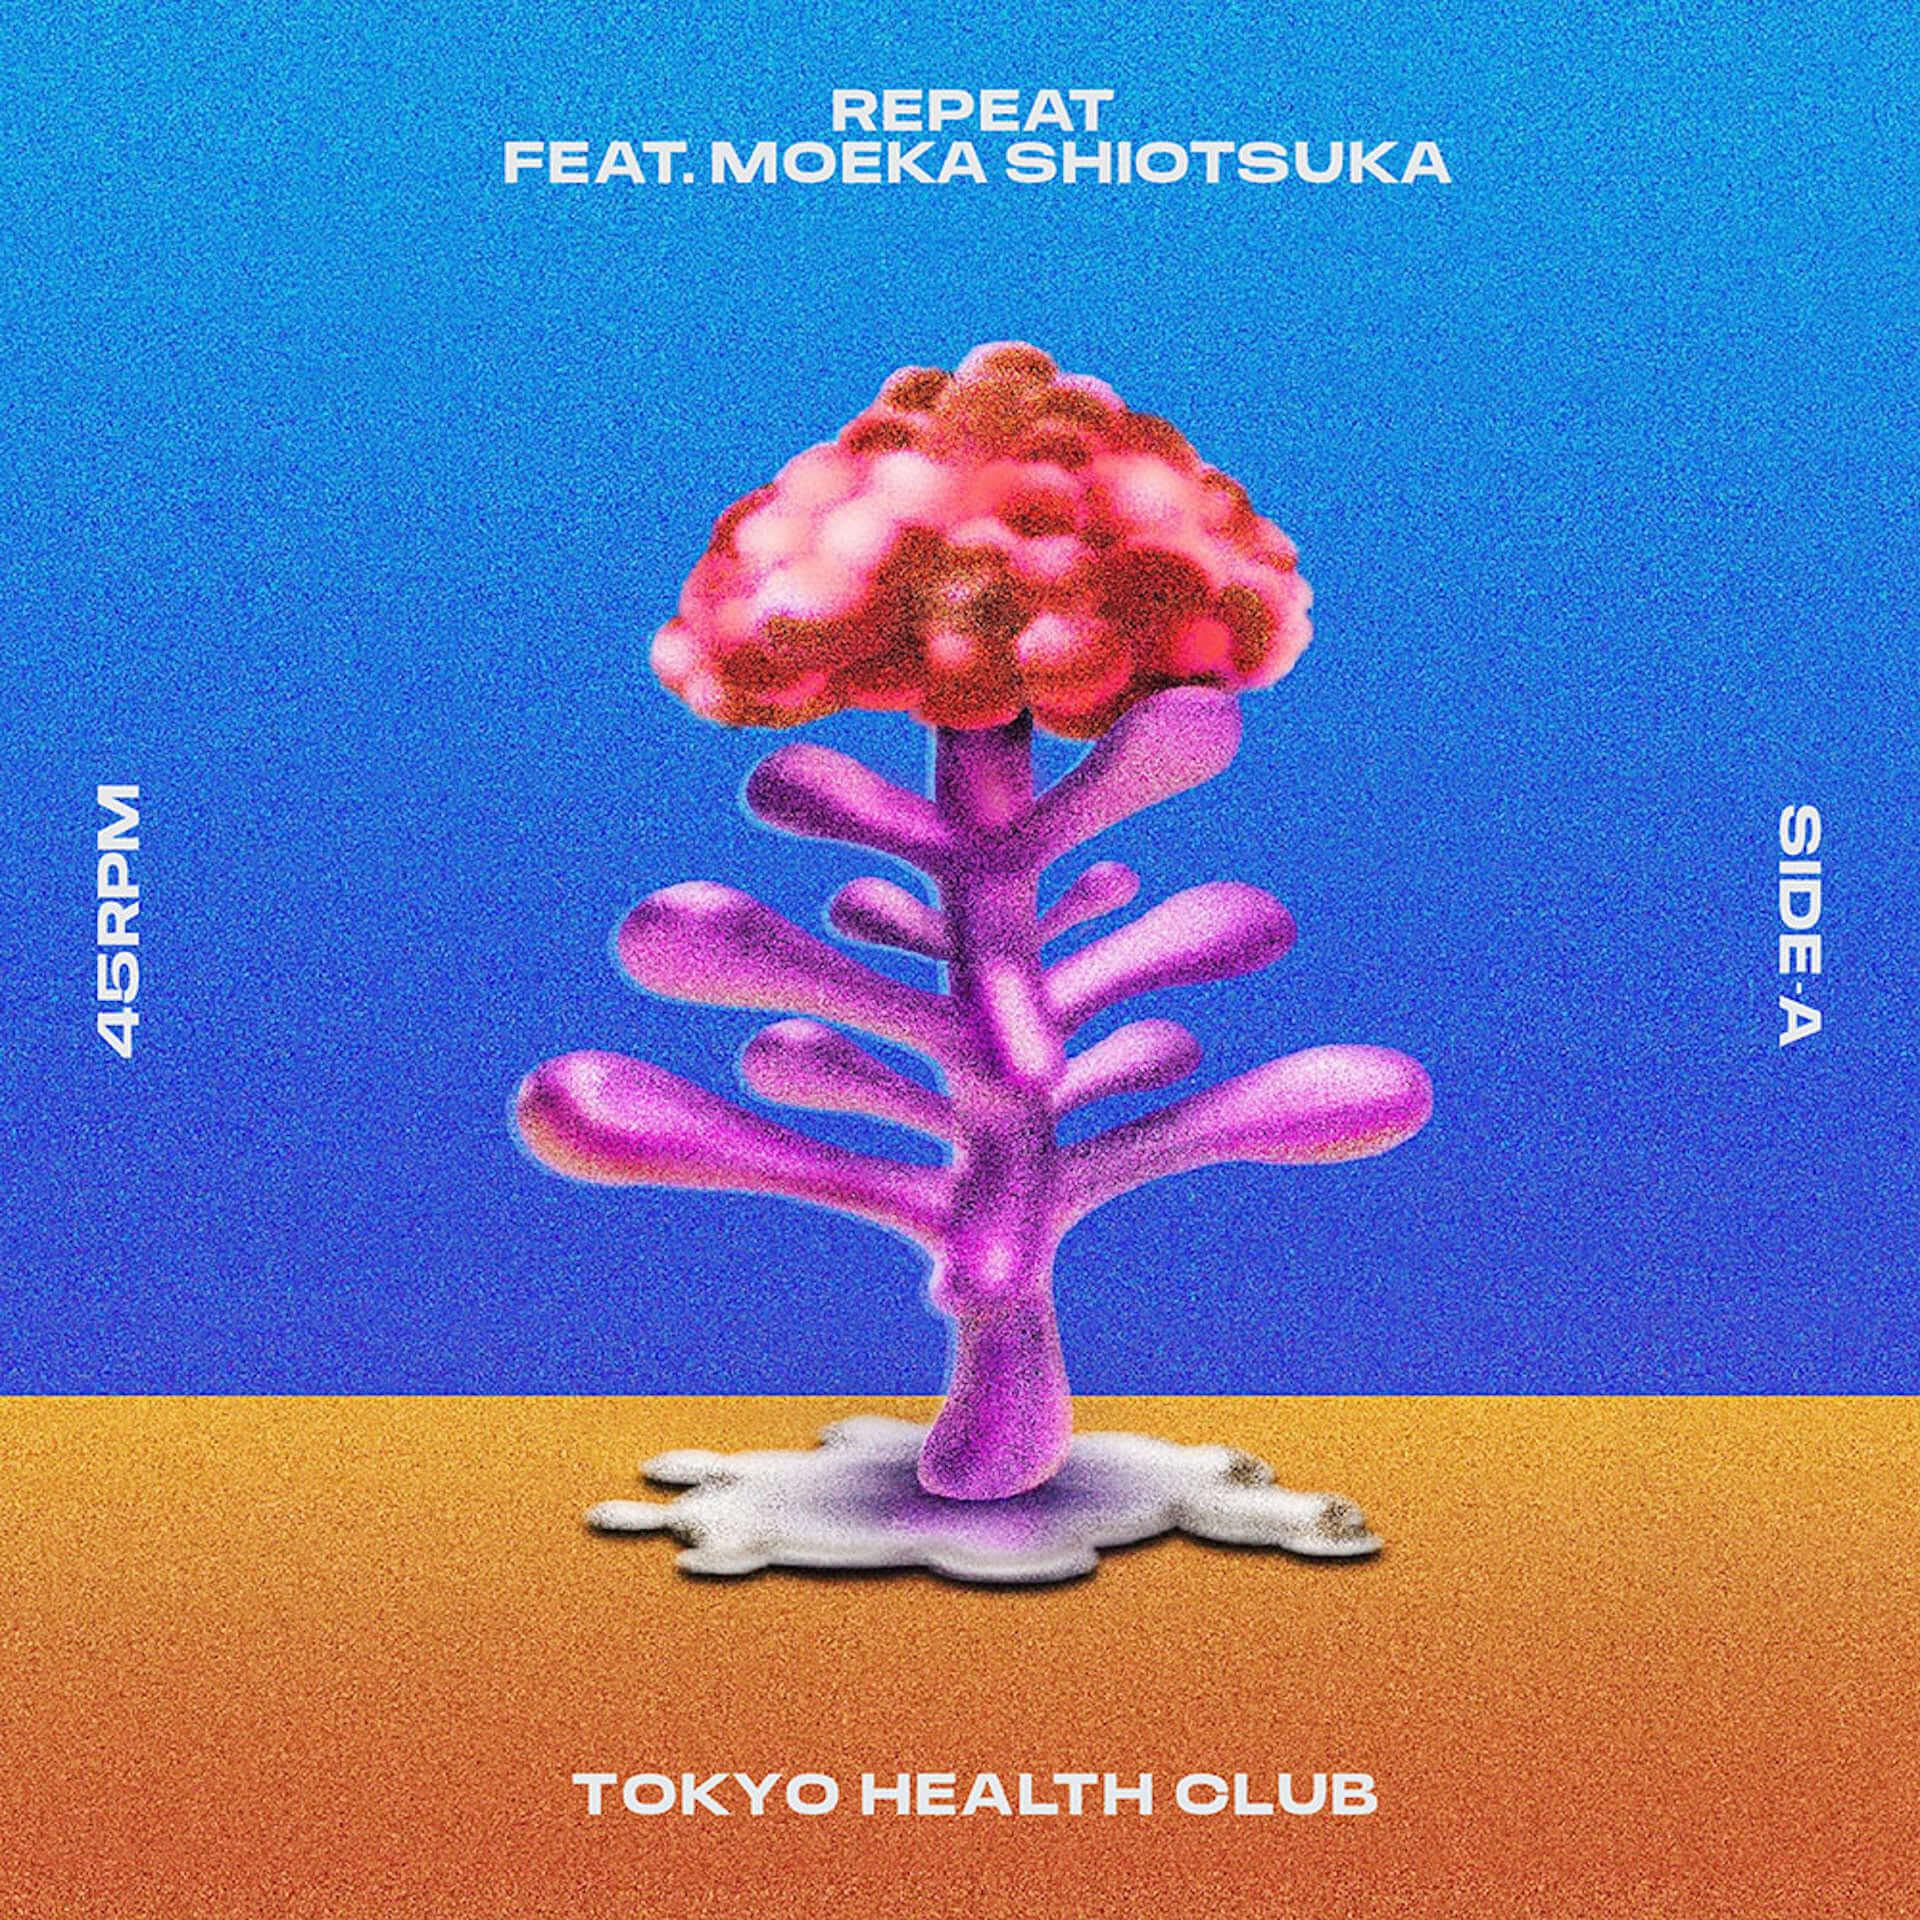 """TOKYO HEALTH CLUBの""""リピート feat. 塩塚モエカ""""と""""夢のような(REMIX) feat. おかもとえみ""""が7インチでリリース決定! music201015_tokyohealthclub_1-1920x1920"""